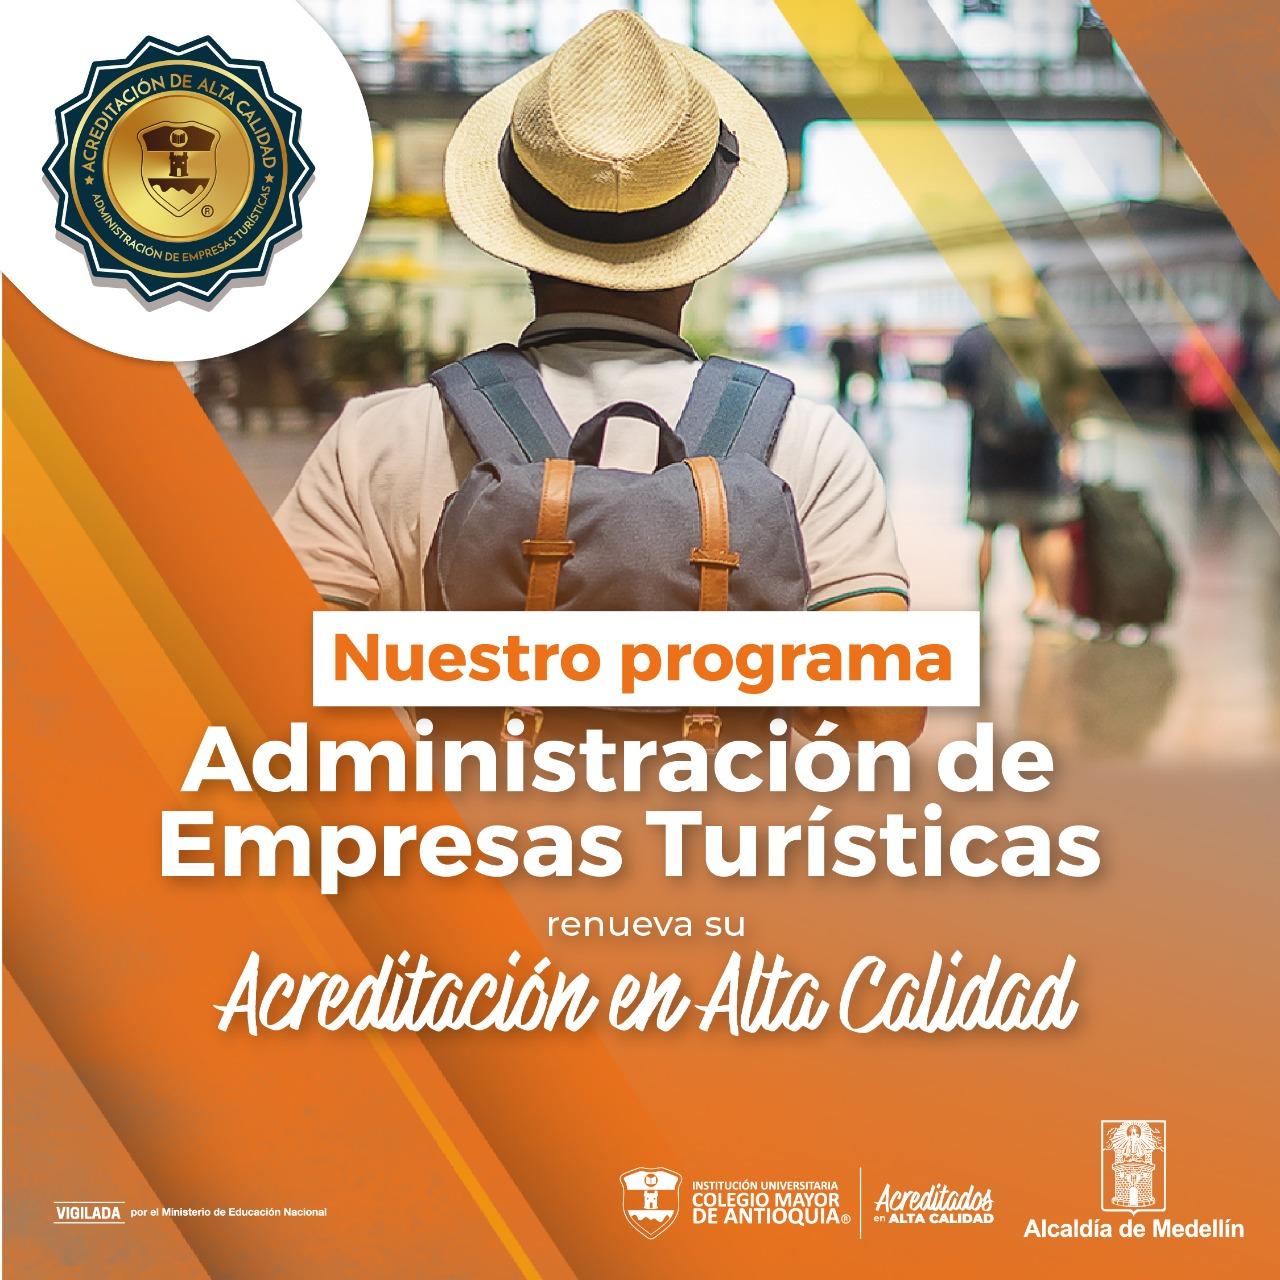 RENOVACIÓN DE ACREDITACIÓN PARA ADMINISTRACIÓN DE EMPRESAS TURÍSTICAS